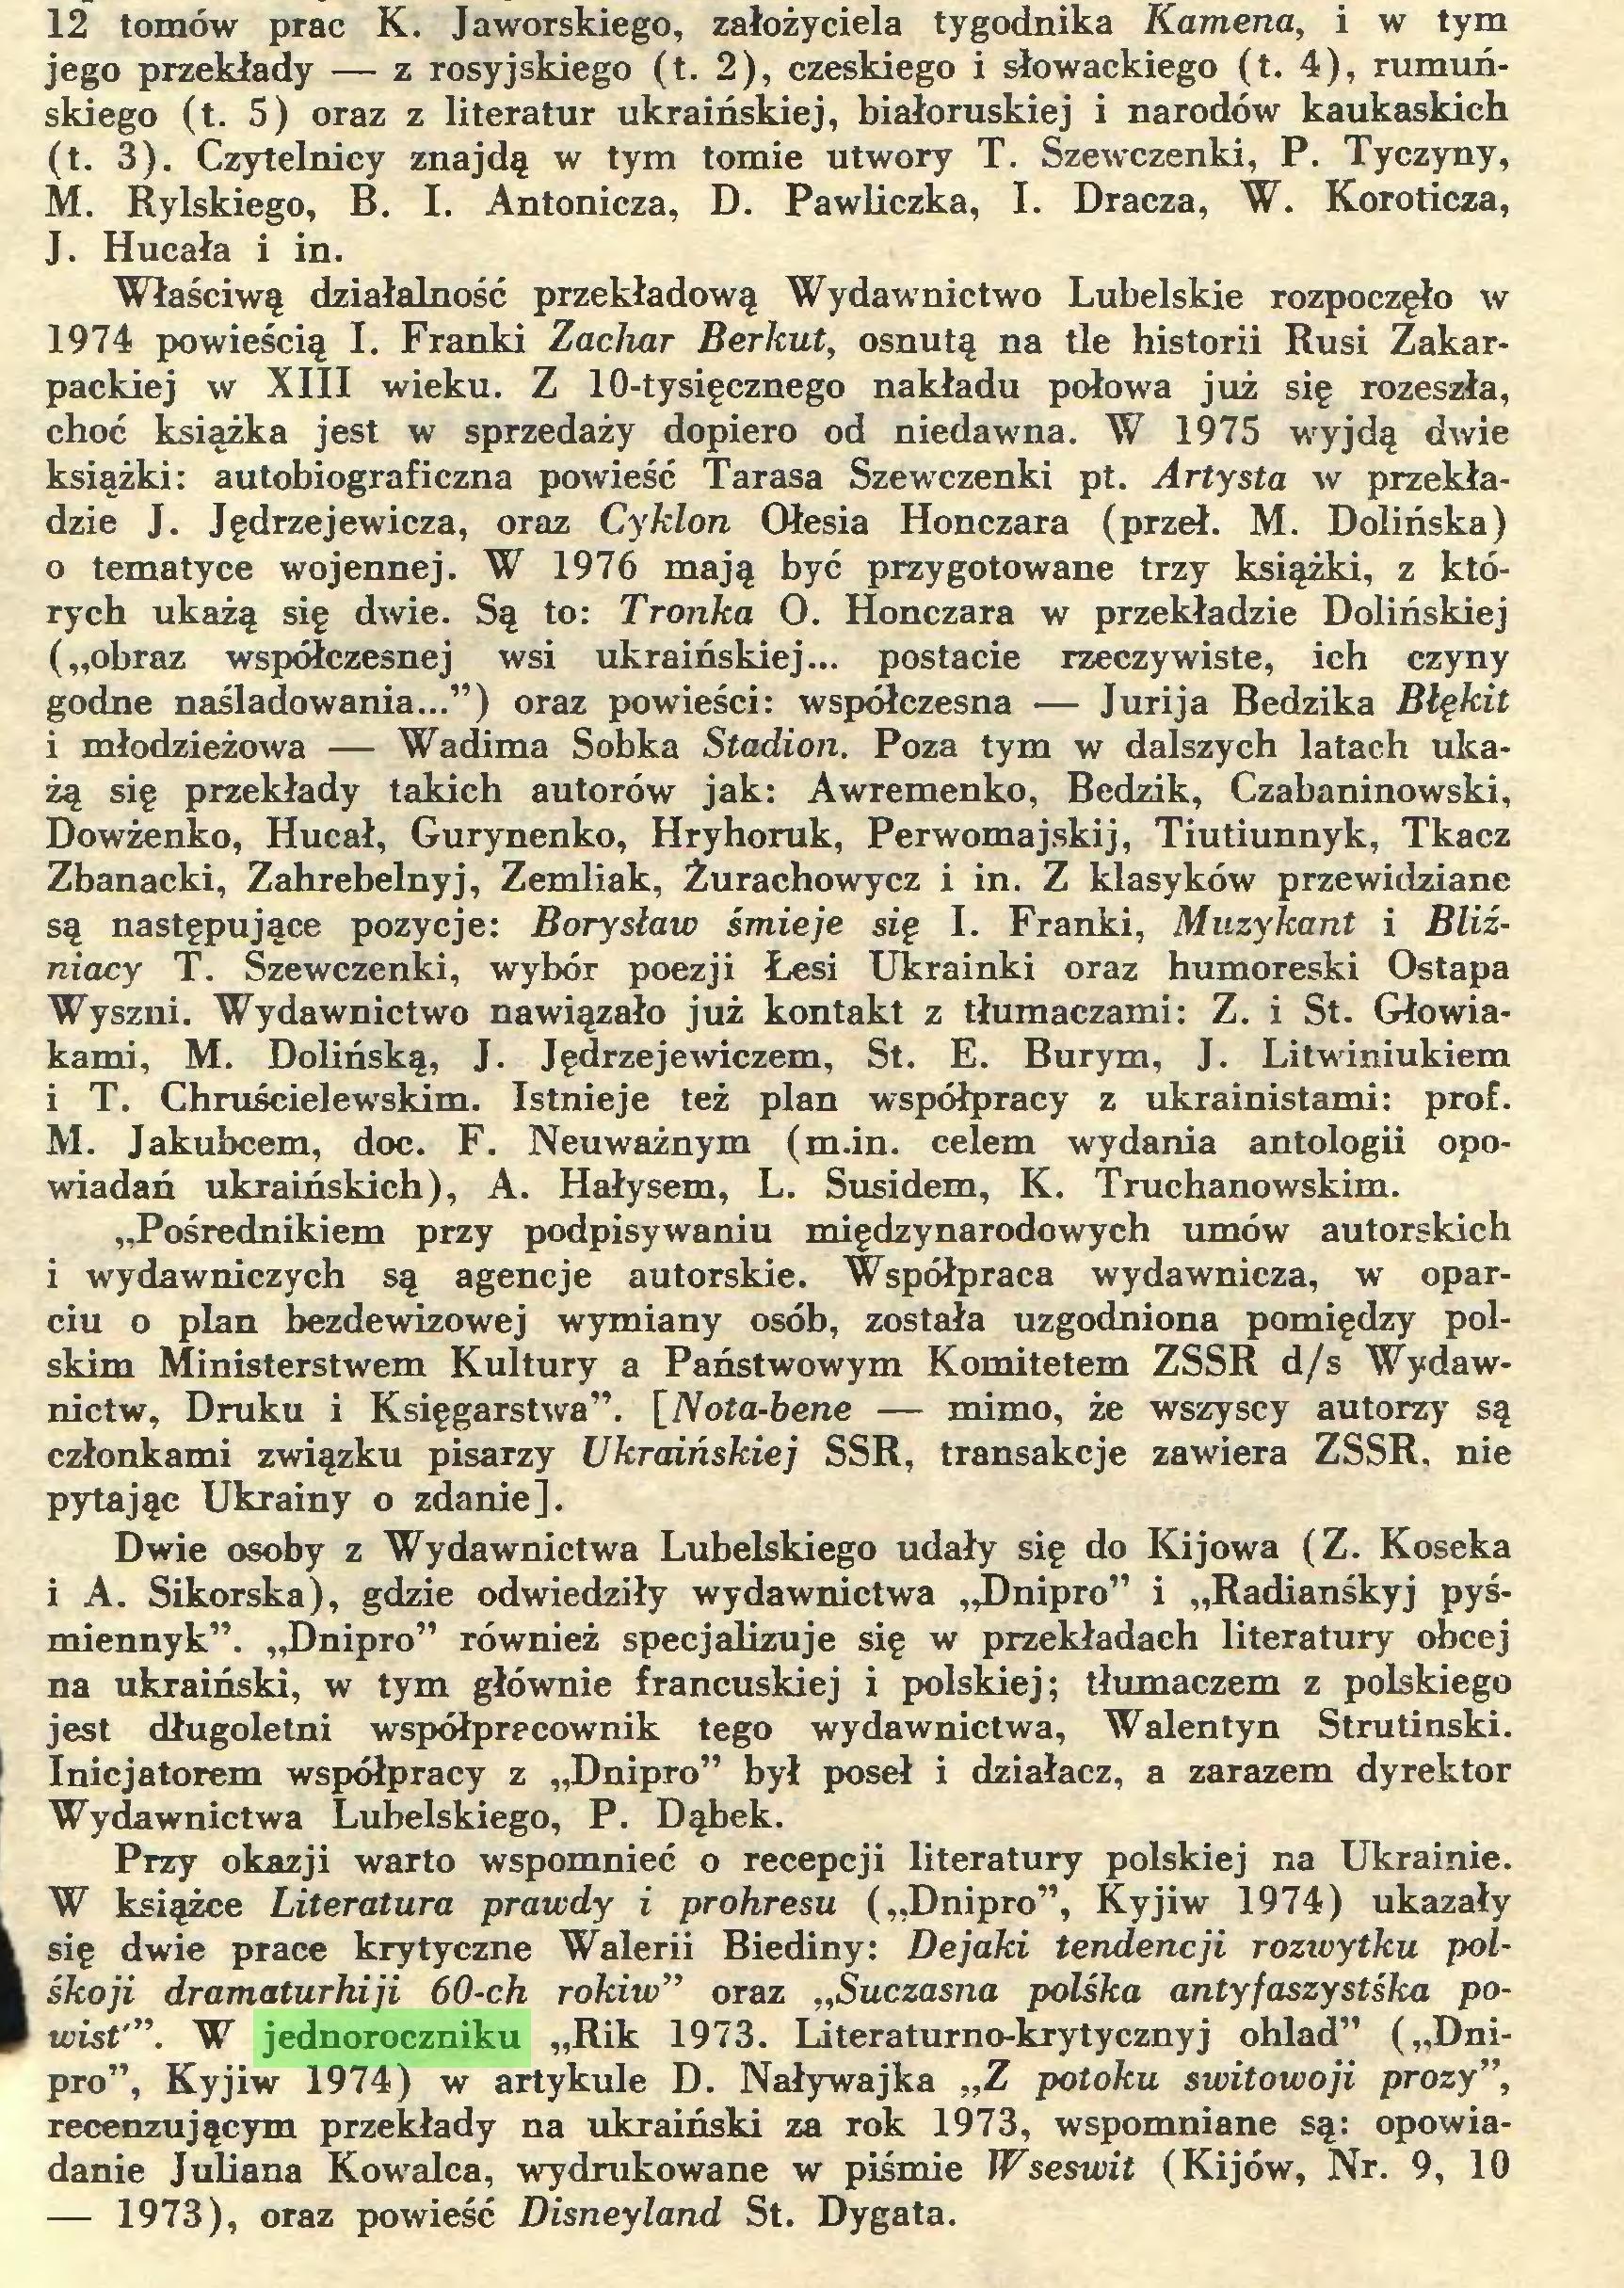 """(...) W książce Literatura prawdy i prohresu (""""Dnipro"""", Kyjiw 1974) ukazały się dwie prace krytyczne Walerii Biediny: De jaki tendencji rozwytku poiśkoji dramaturhiji 60-ch rokiw"""" oraz """"Suczasna polska antyfaszystśka powist'"""". W jednoroczniku """"Rik 1973. Literaturno-krytycznyj ohlad"""" (""""Dnipro"""", Kyjiw 1974) w artykule D. Naływajka """"Z potoku switowoji prozy"""", recenzującym przekłady na ukraiński za rok 1973, wspomniane są: opowiadanie Juliana Kowalca, wydrukowane w piśmie Wseswit (Kijów, Nr. 9, 10 — 1973), oraz powieść Disneyland St. Dygata. Sprawy i troski..."""